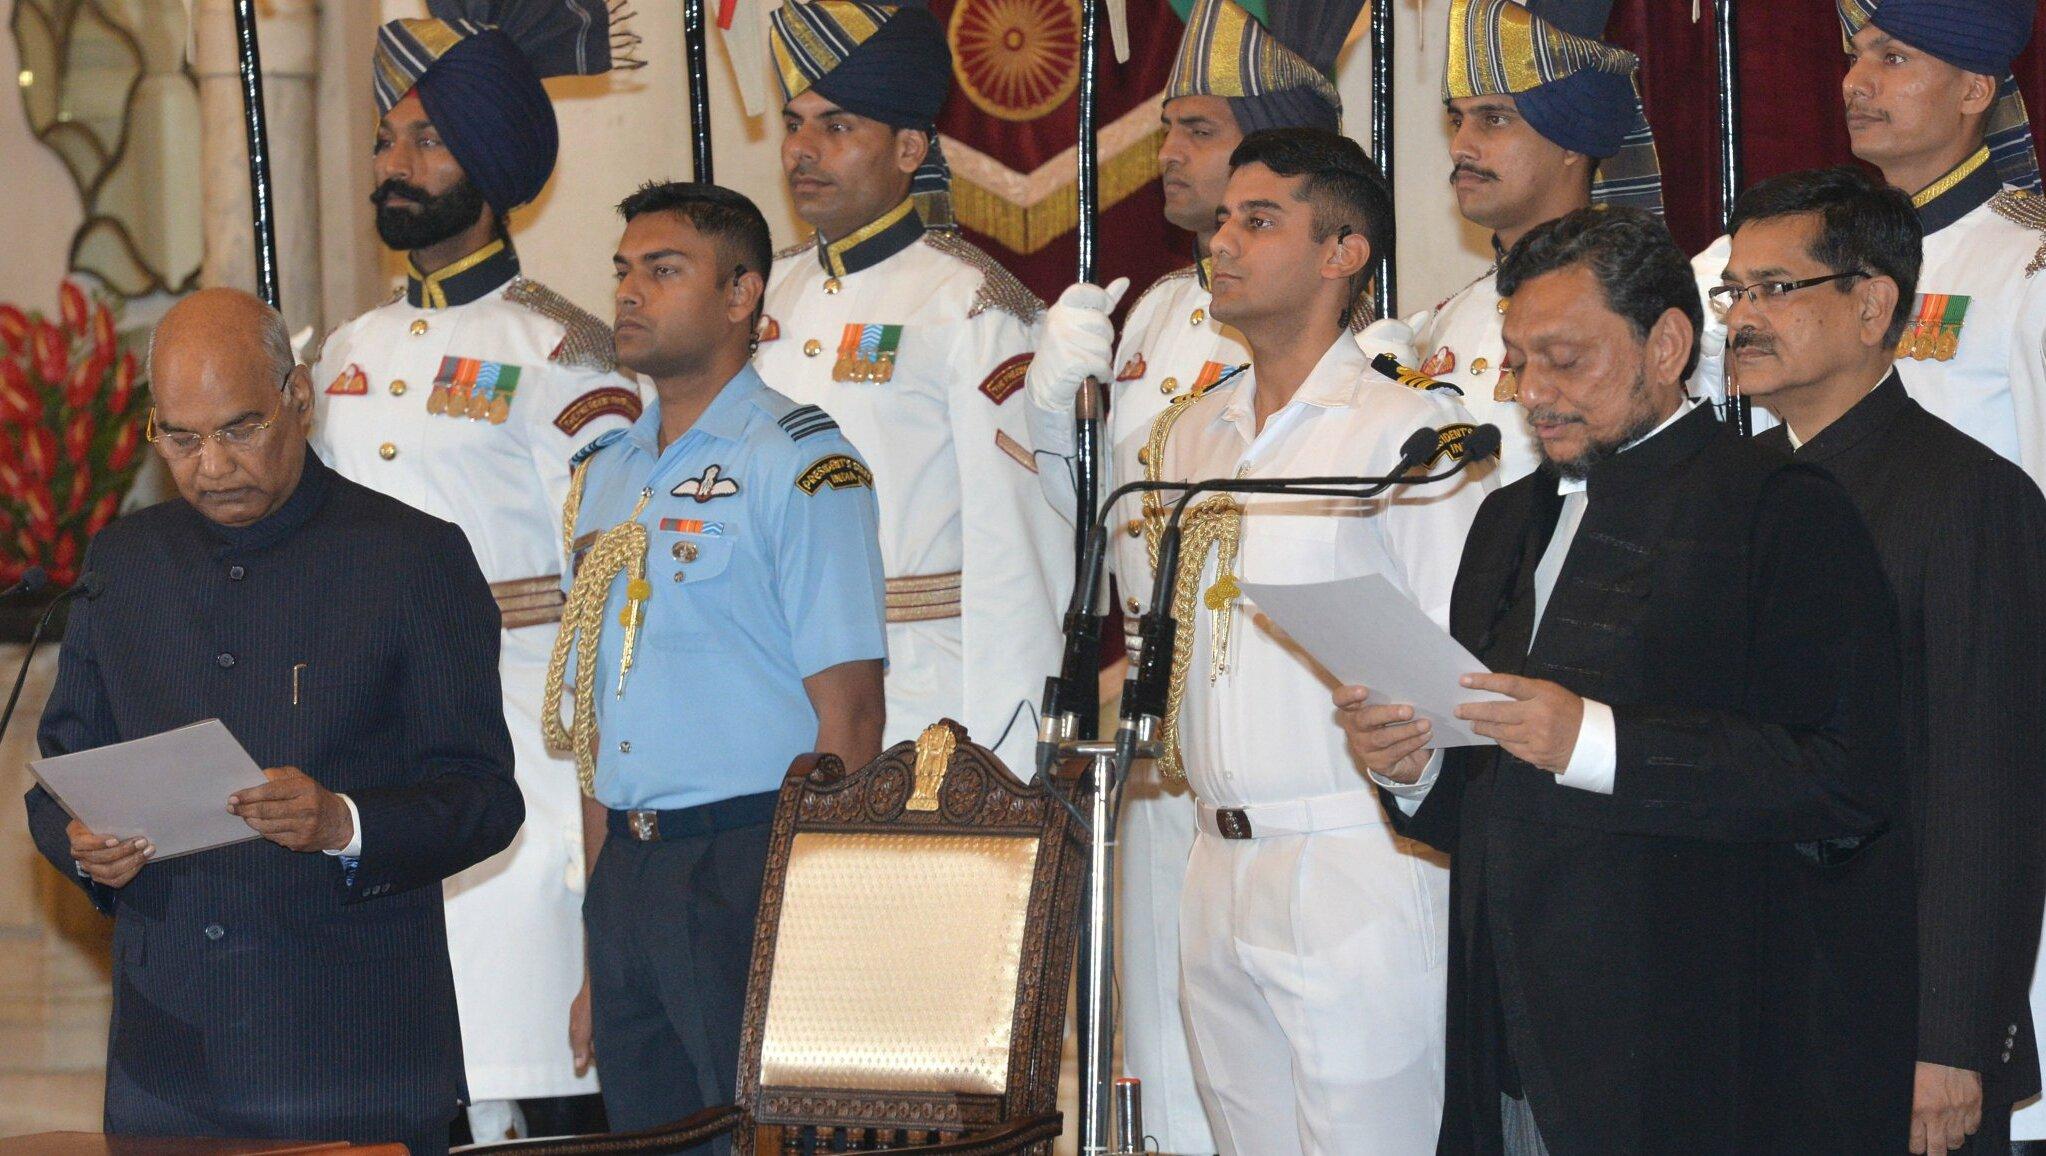 देश के 47वें प्रधान न्यायाधीश बने जस्टिस एस अरविंद बोबड़े, राष्ट्रपति ने दिलाई शपथ